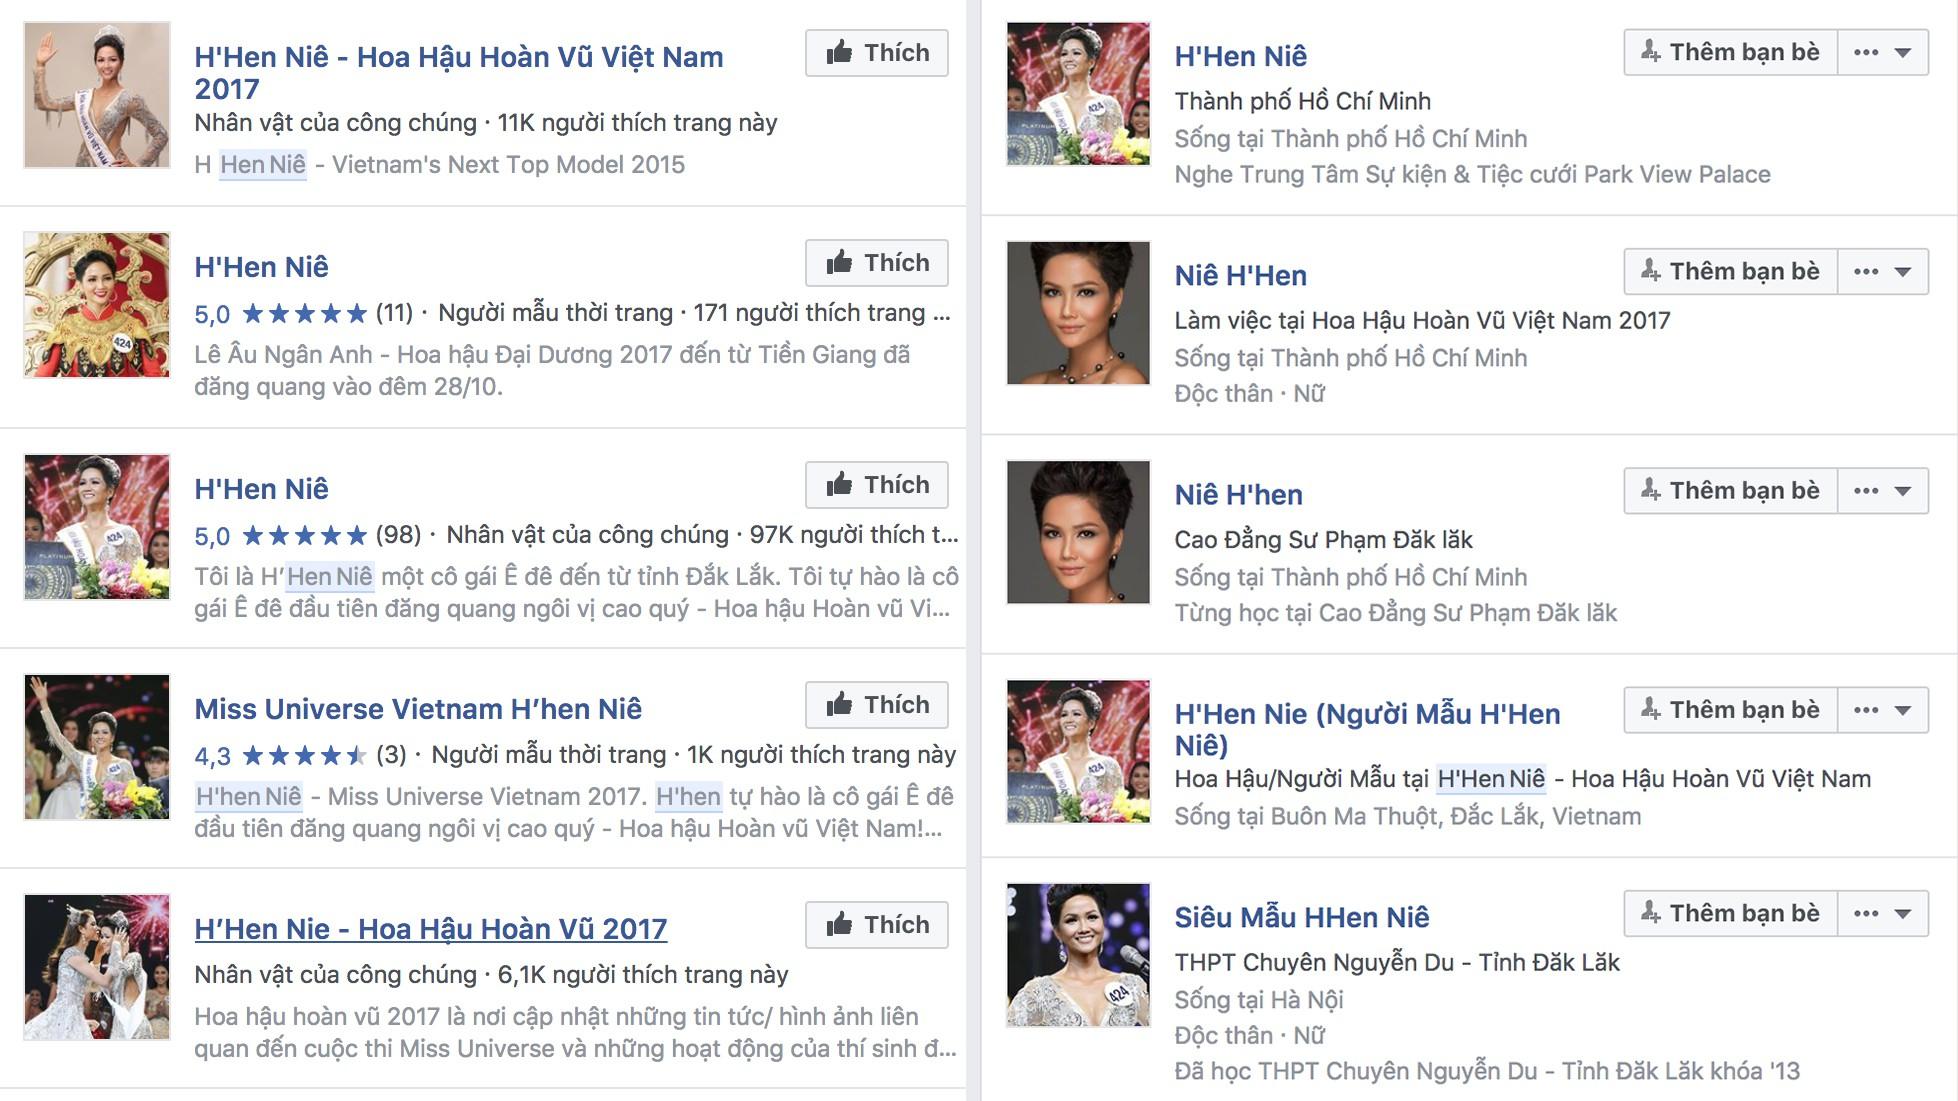 Tài khoản Facebook, Instagram mạo danh Hoa hậu HHen Niê đang mọc lên như nấm sau mưa - Ảnh 1.